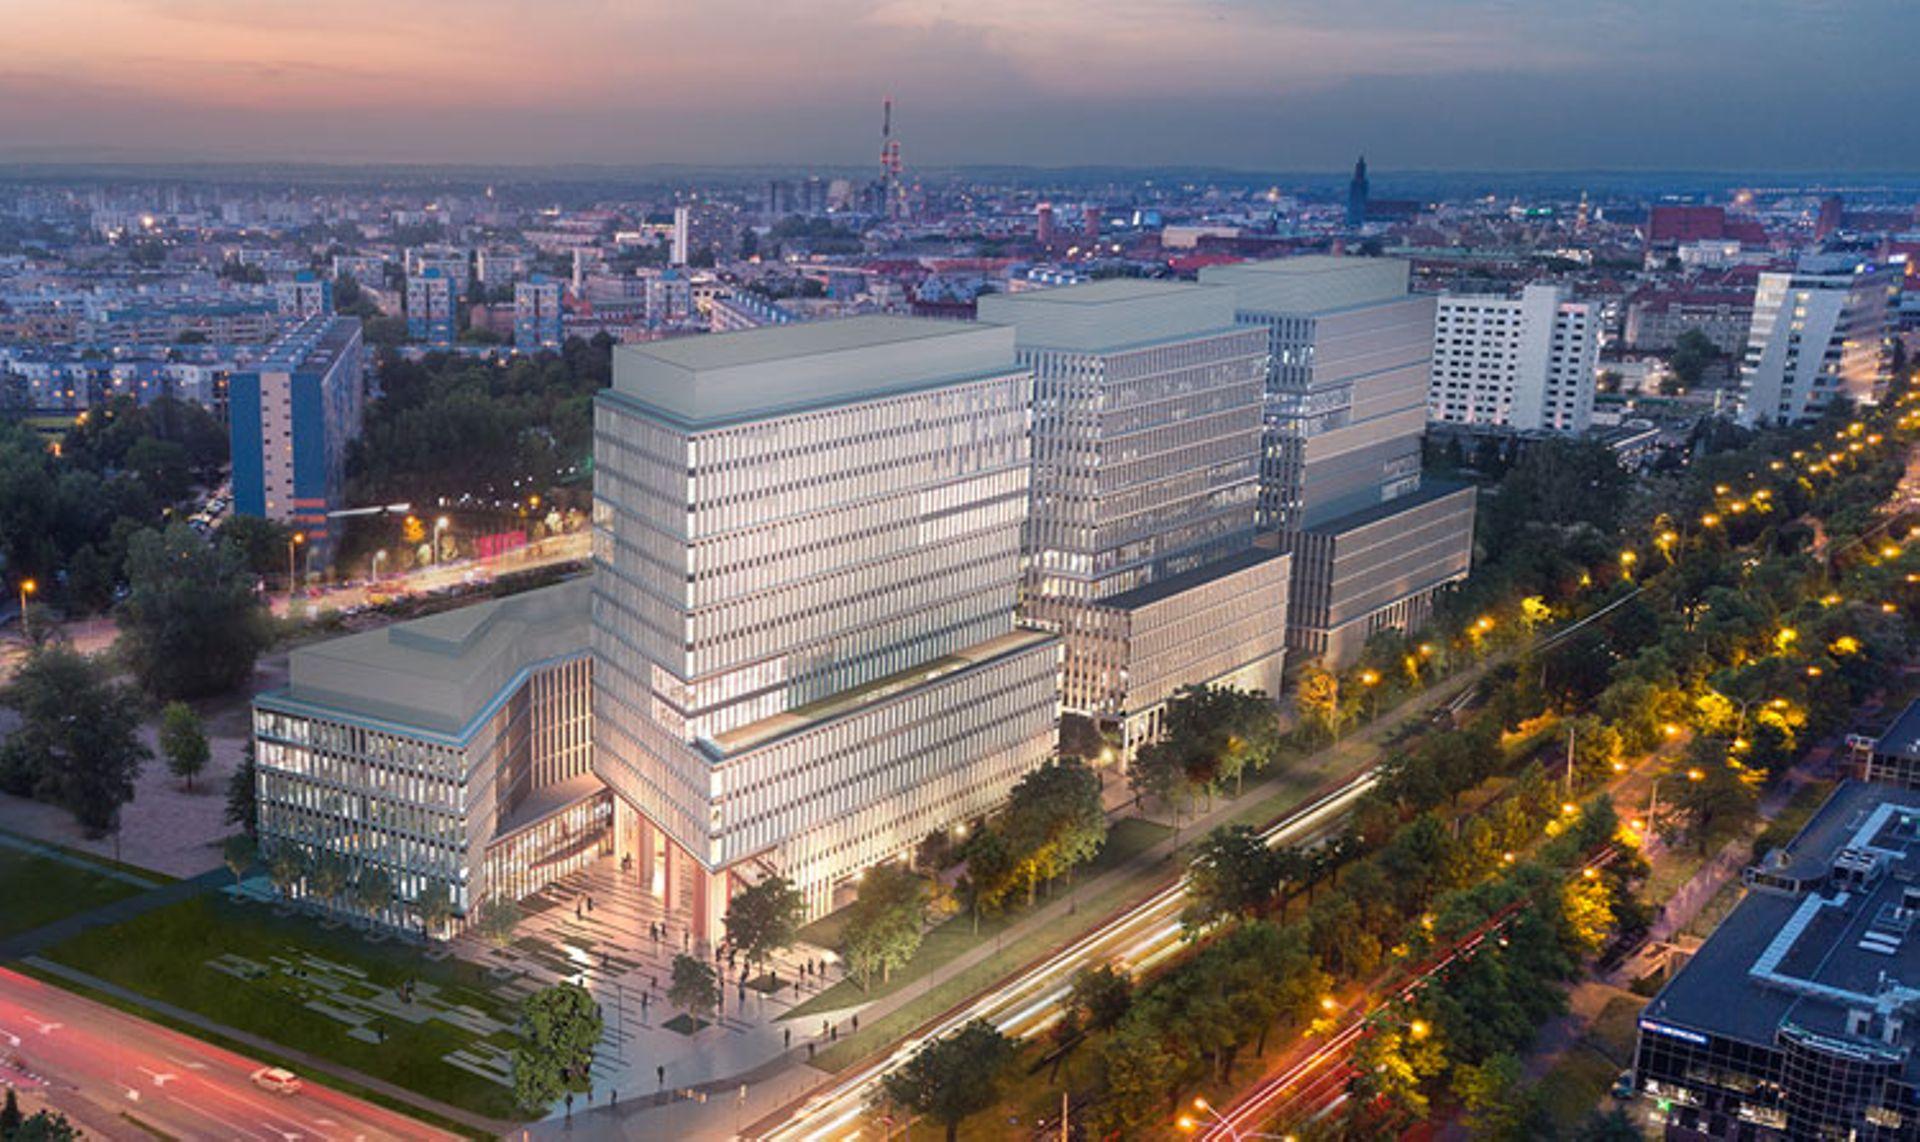 Wrocław: Skanska wmurowała kamień węgielny pod budowę kompleksu biurowego Centrum Południe